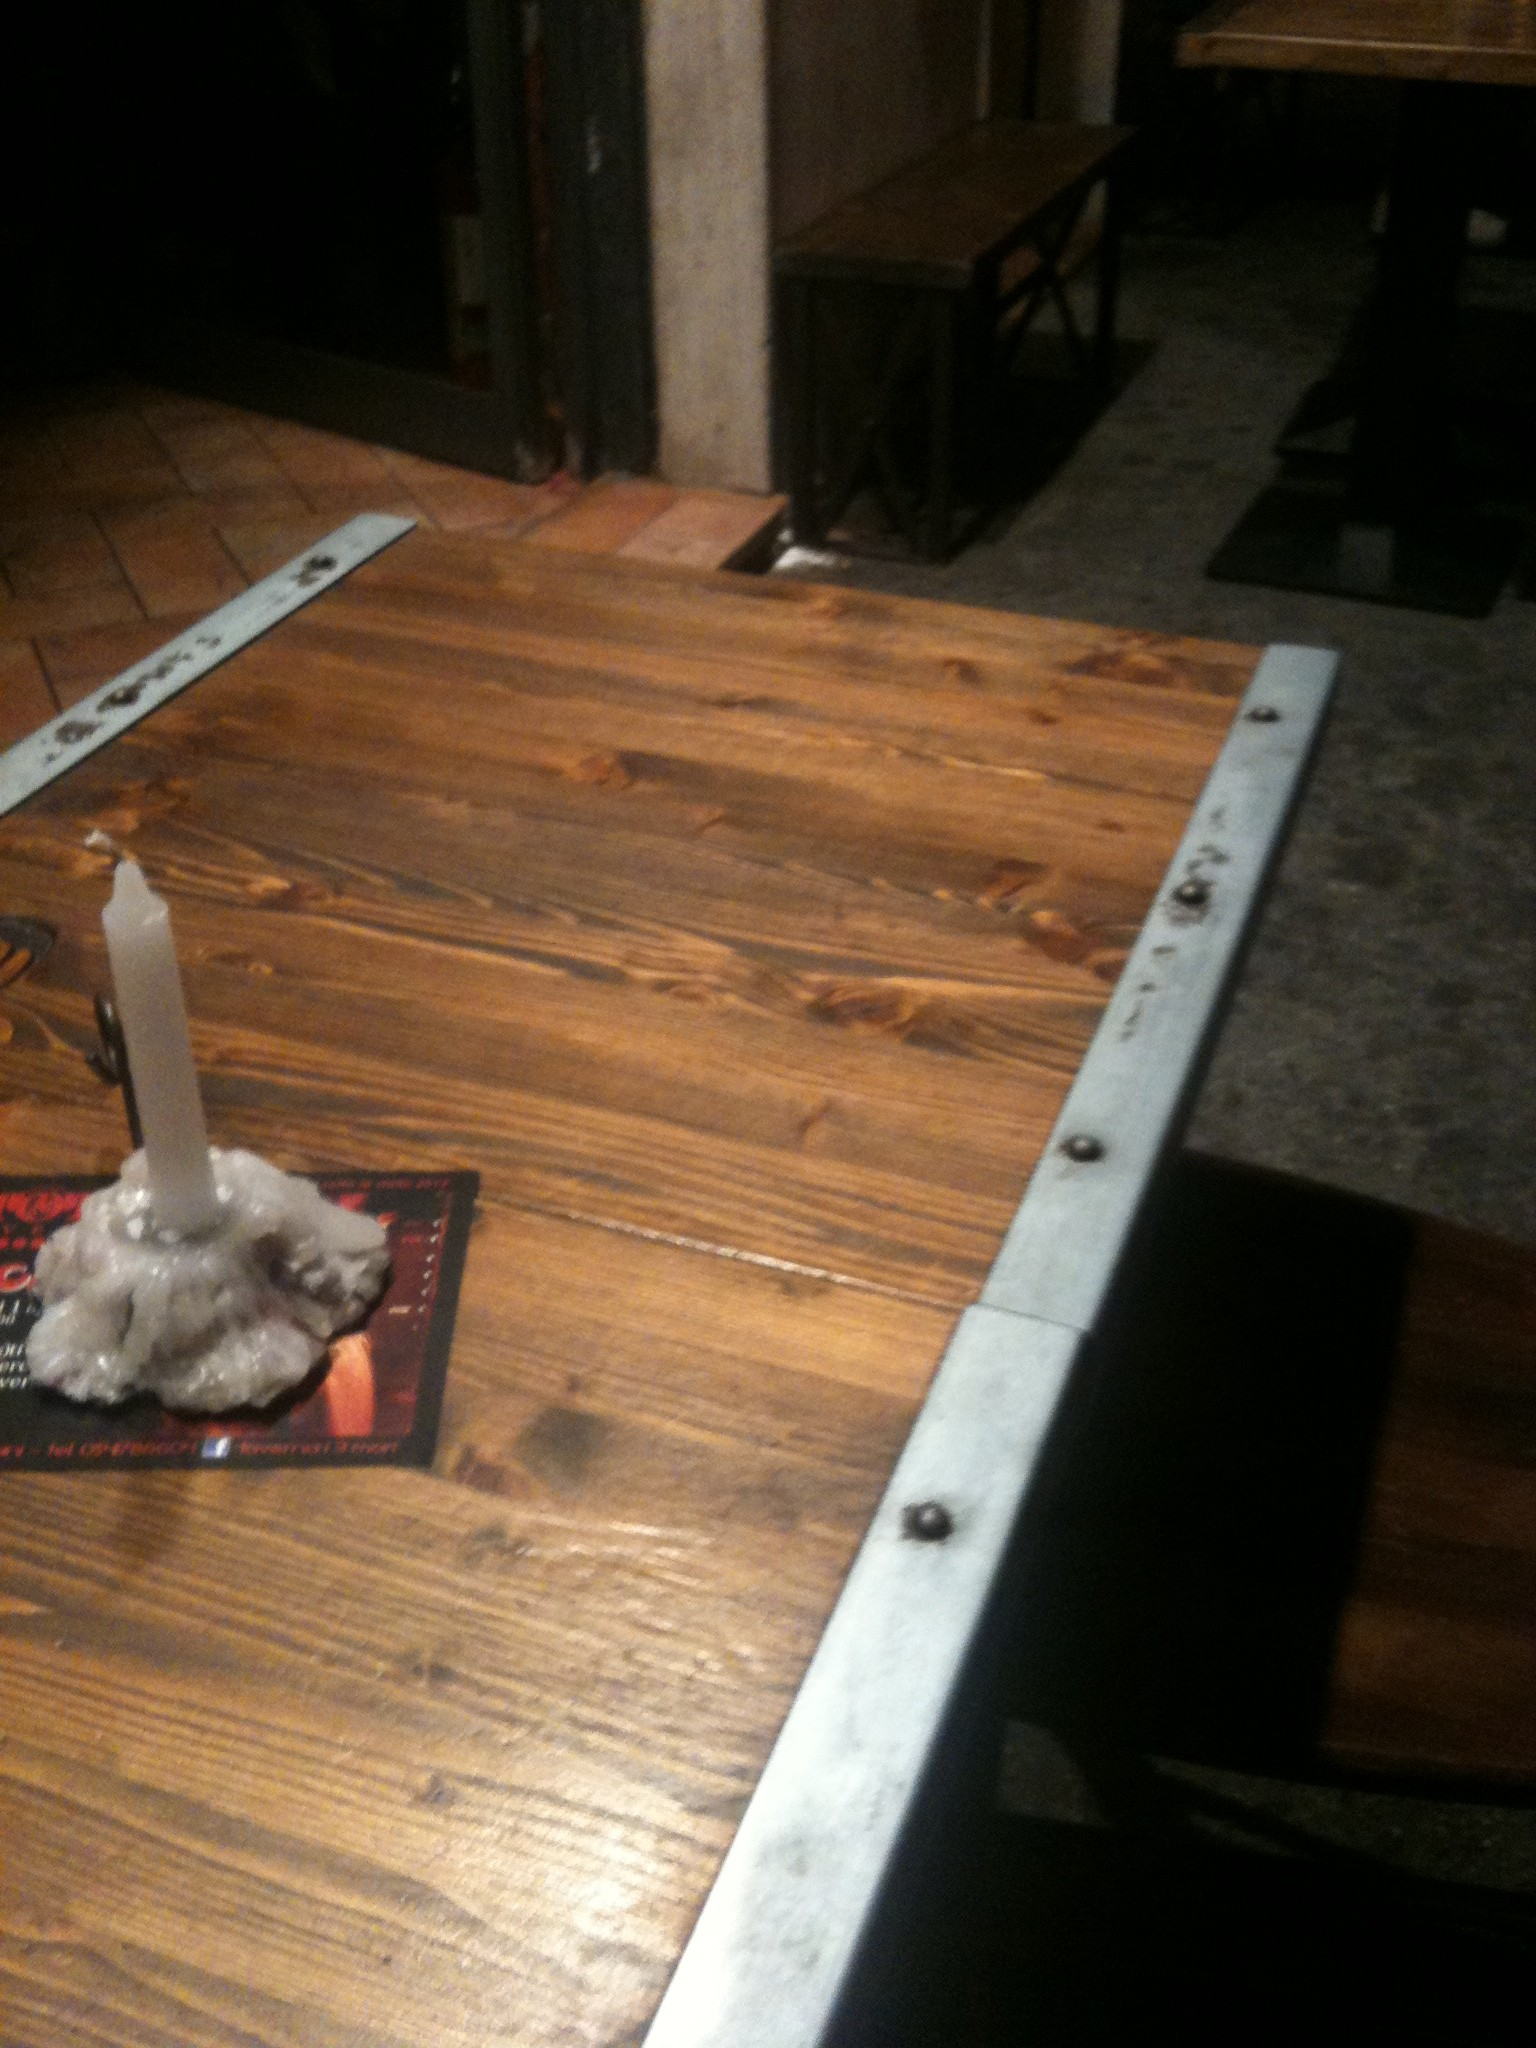 Tavoli legno e acciaio rustico o moderno la casa rubata for Tavolo legno acciaio